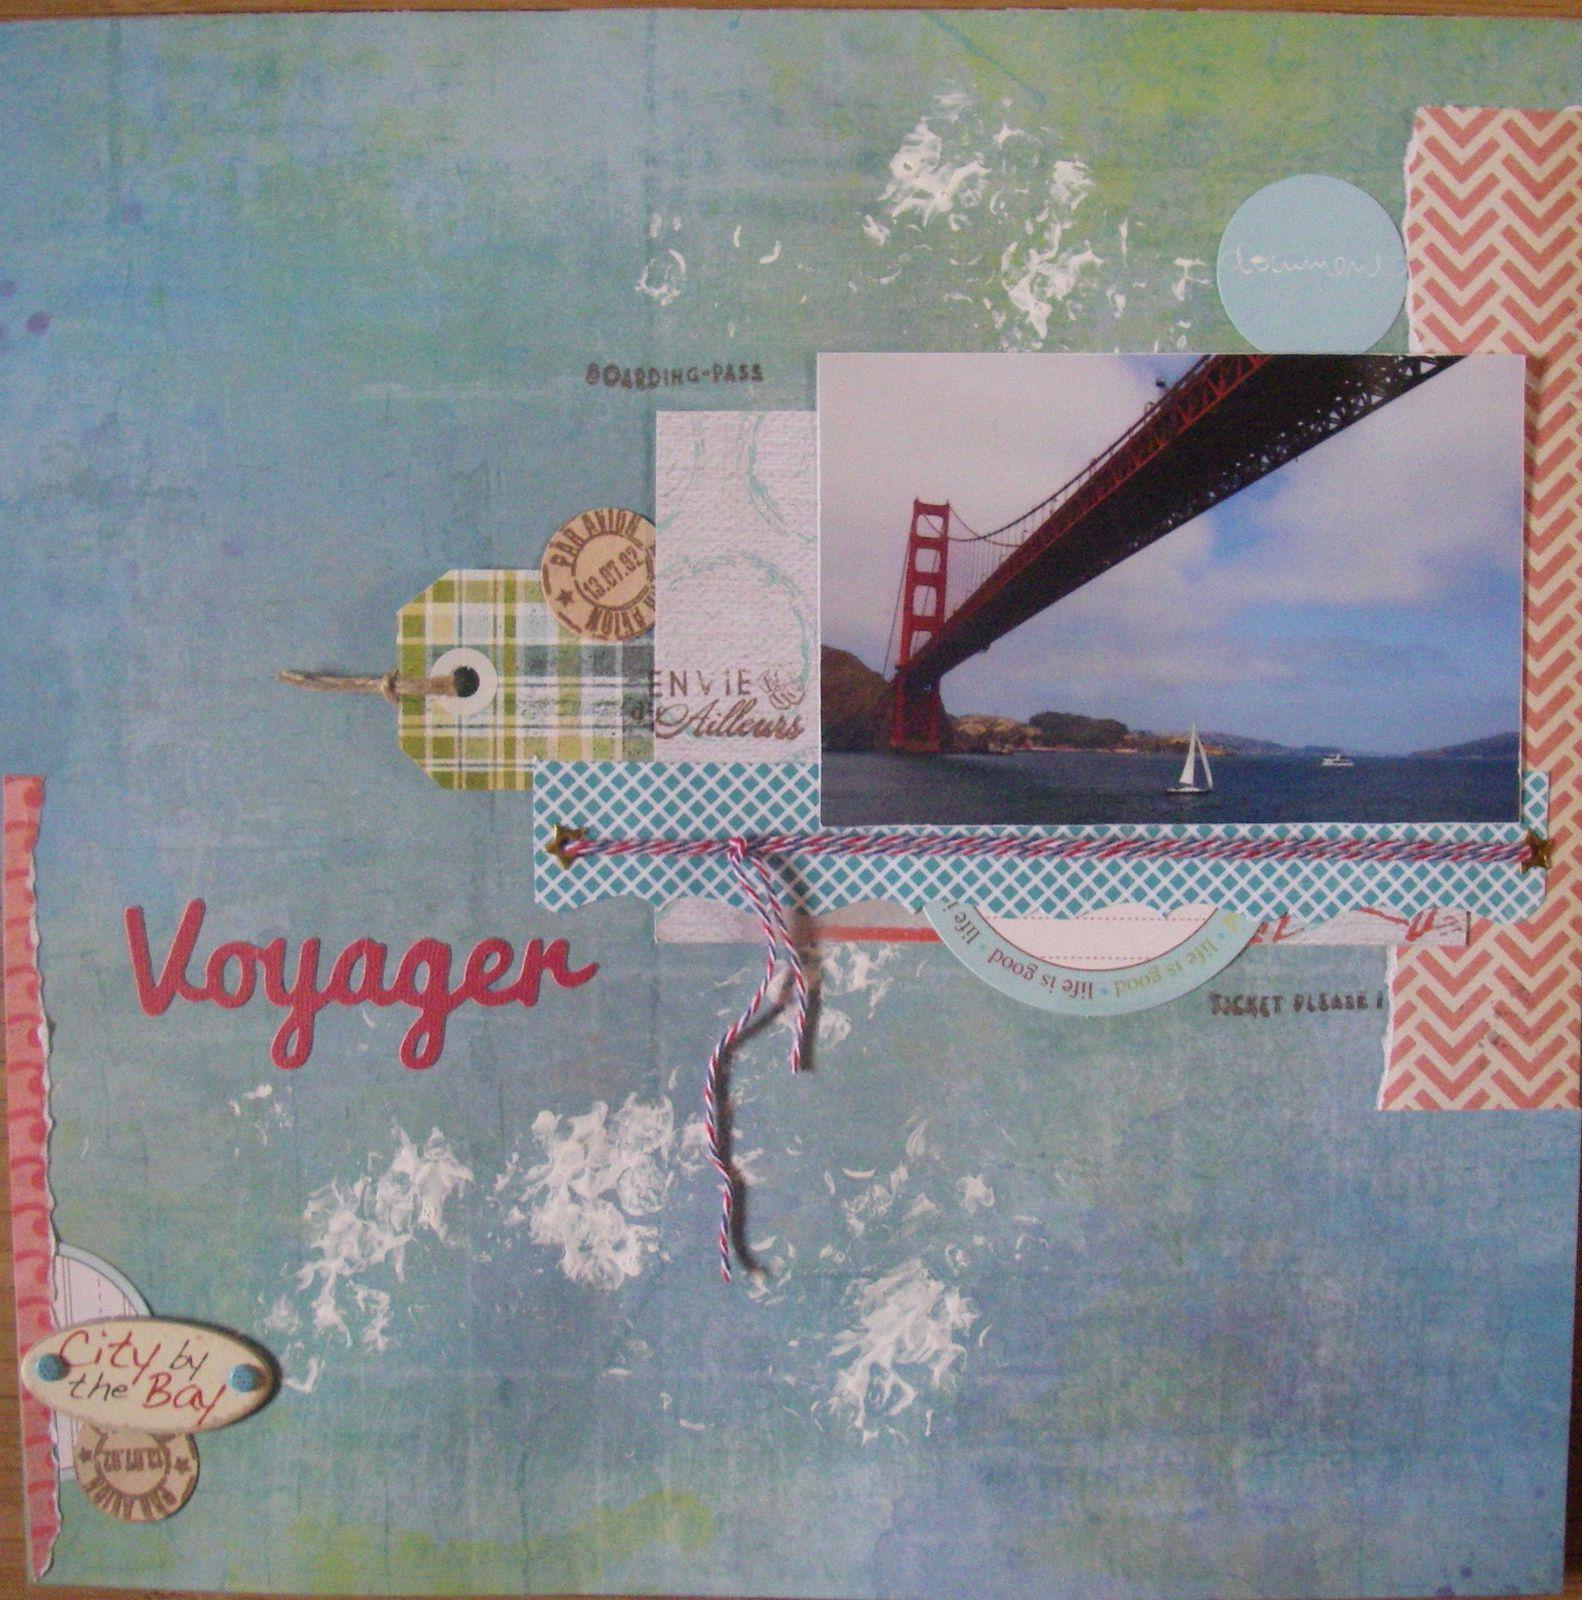 Et le non moins célèbre pont : le Golden Gate Bridge ! J'ai suivi un sketch de funny pour cette page.